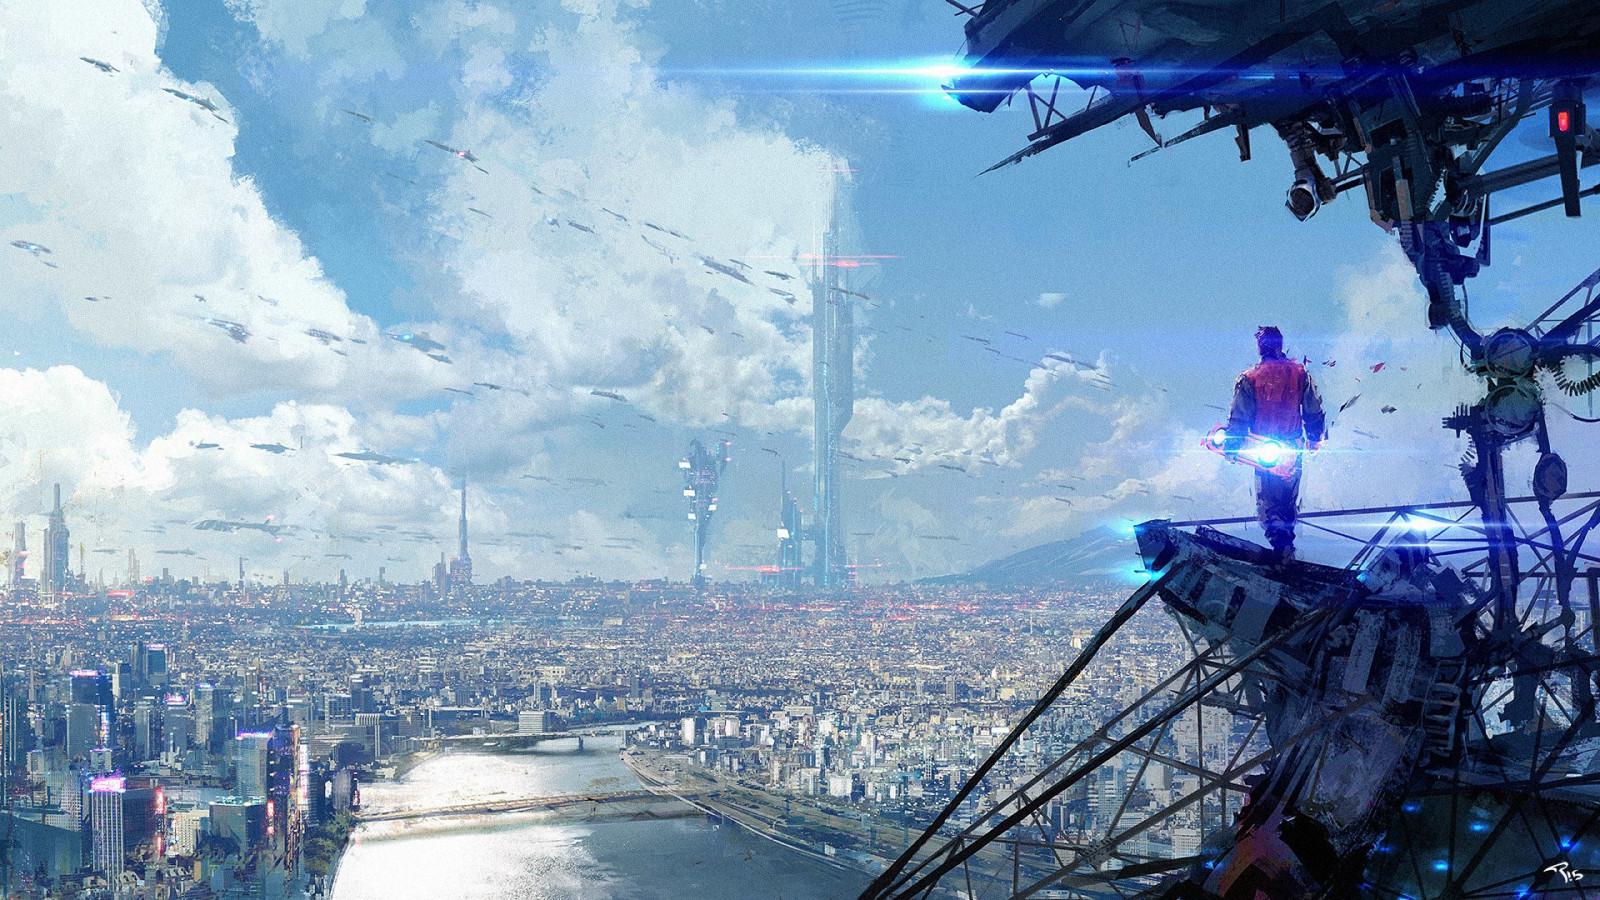 cityscapes futuristic wallpaper 1900x1041 - photo #7